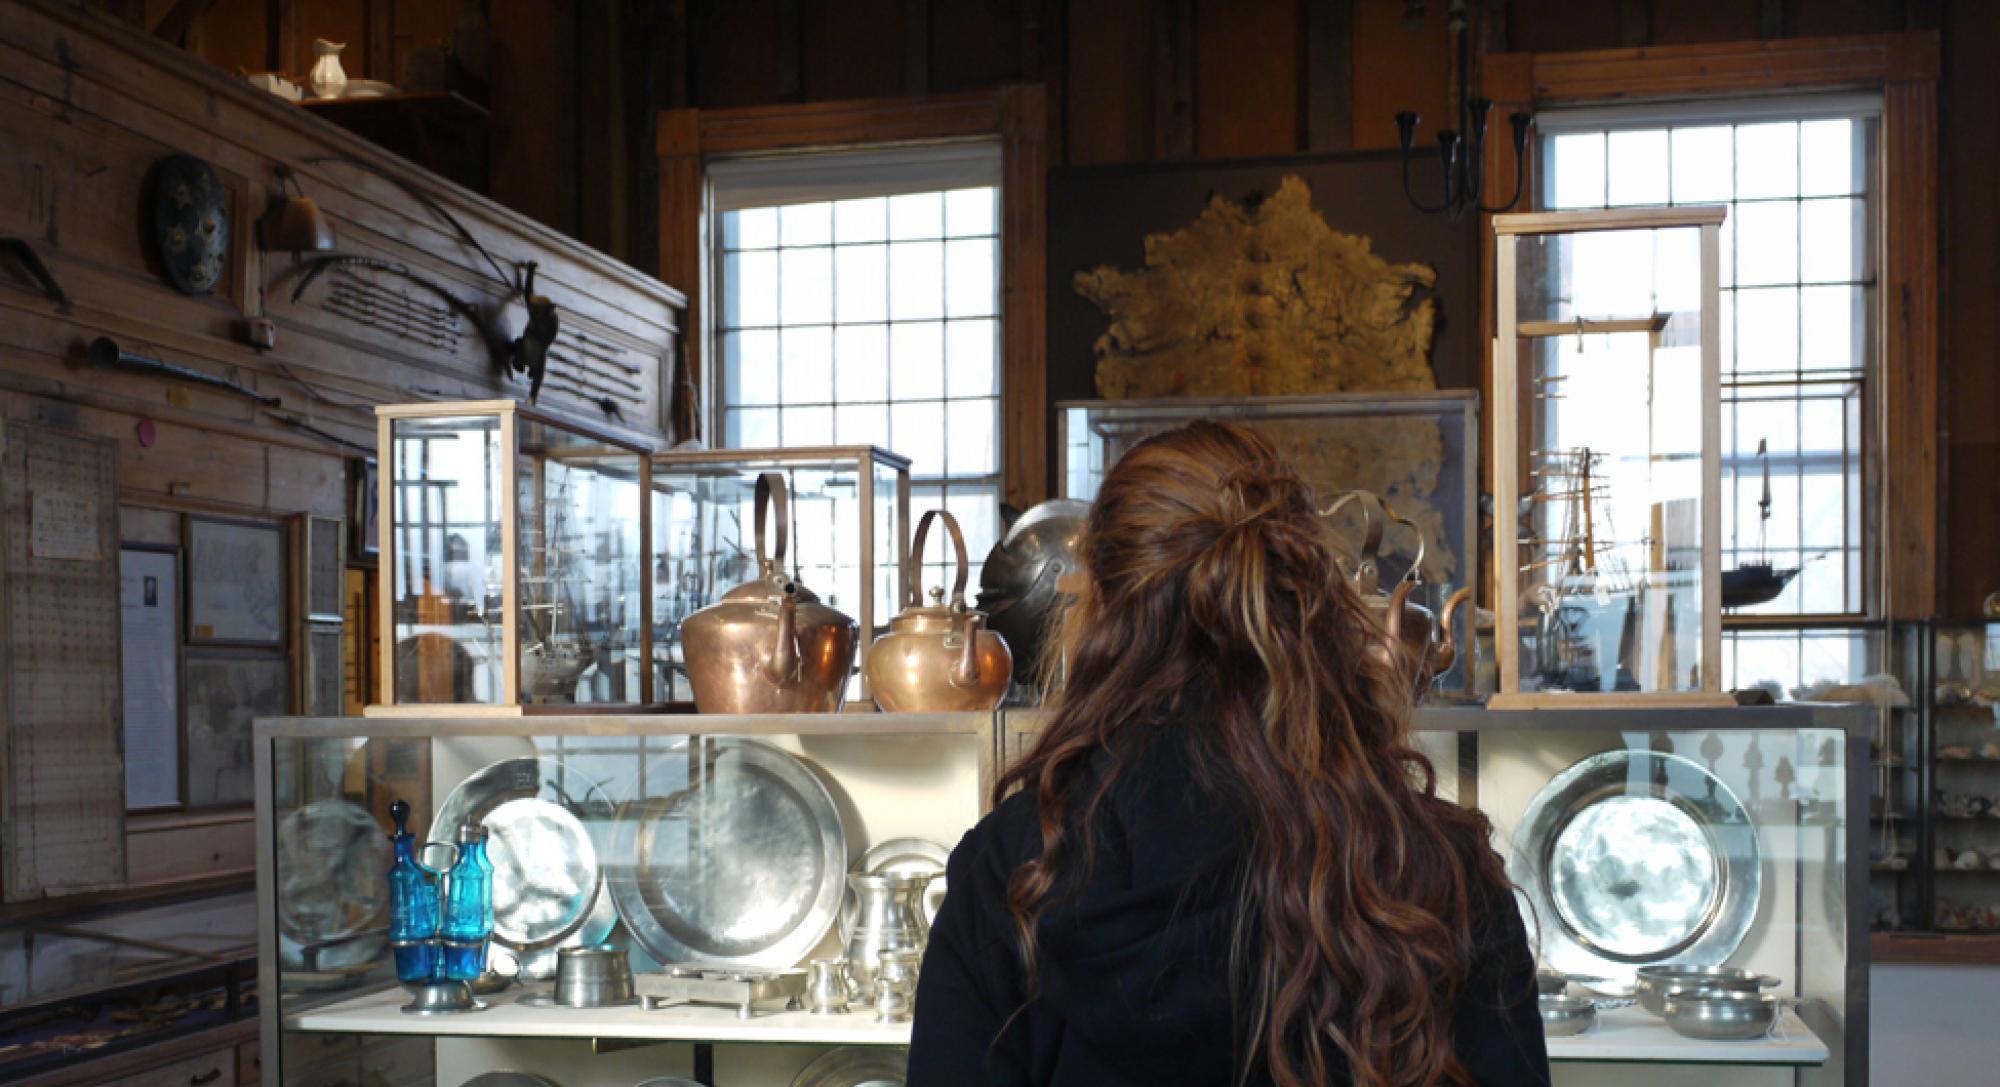 Teacher workshops at the Joseph Allen Skinner Museum